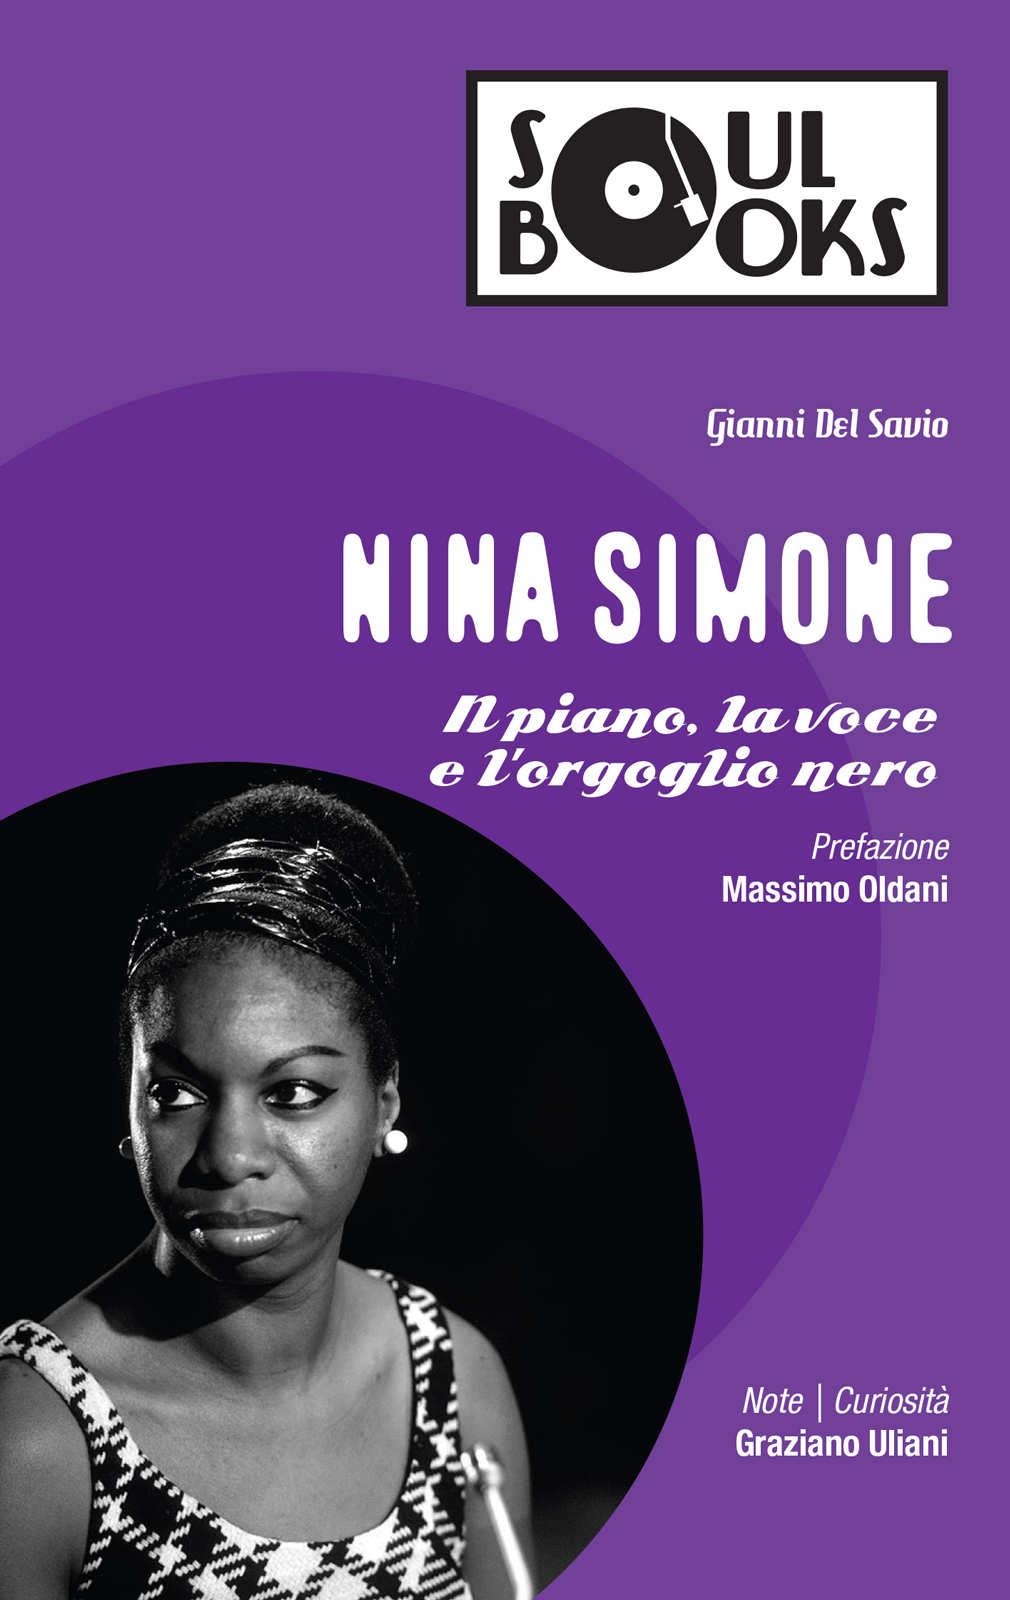 Nina Simone: Il piano, La voce e L'orgoglio nero di Gianni Del Savio alla Galleria Nazionale dell'Umbria